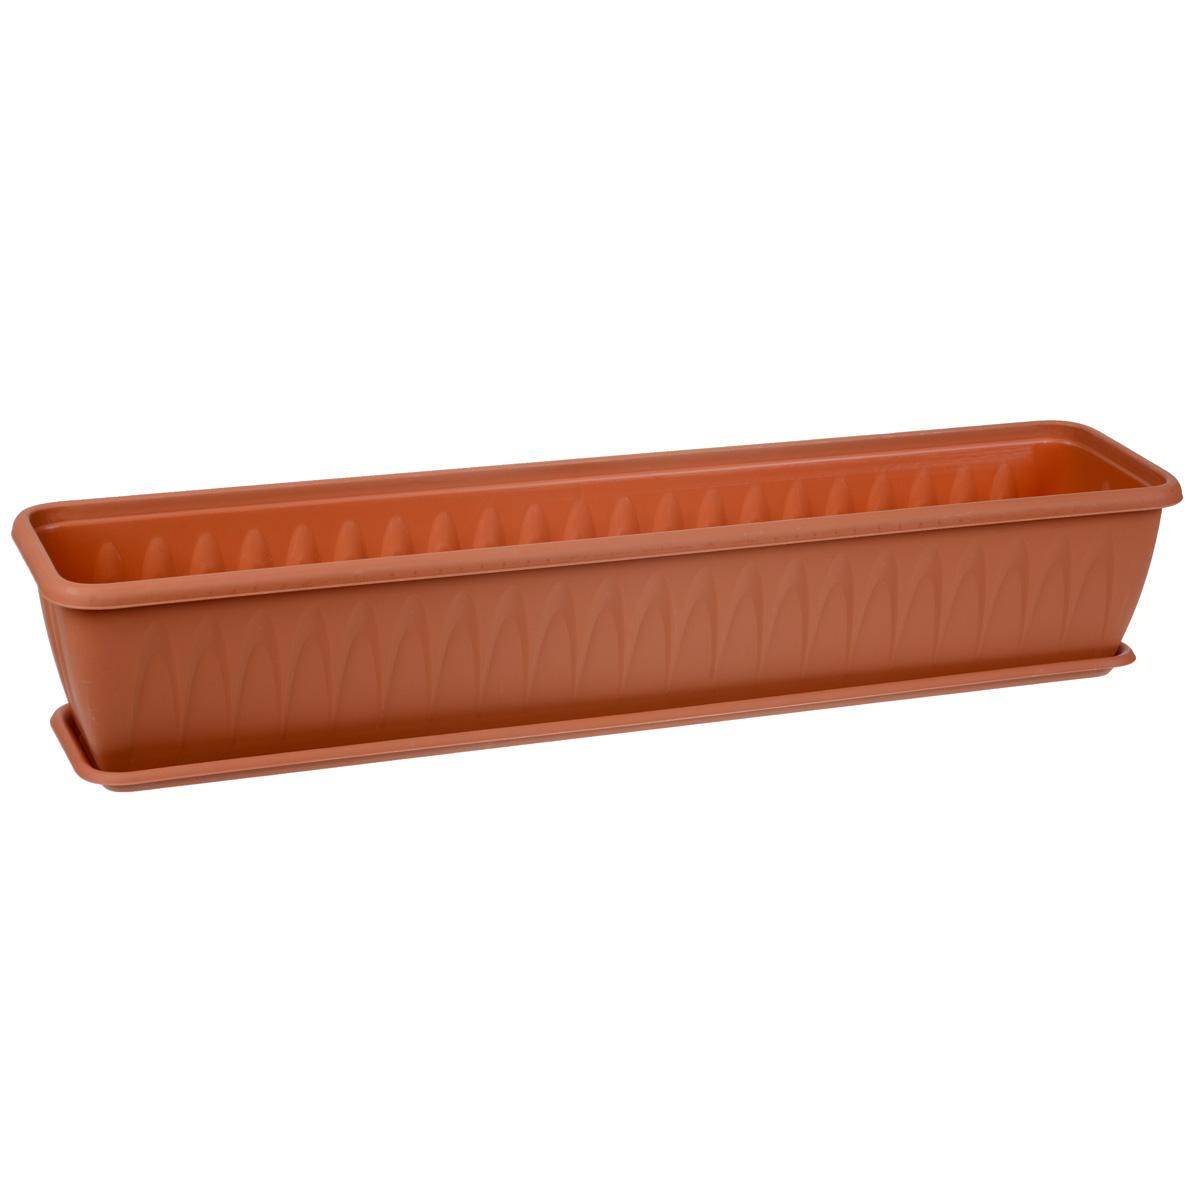 Балконный ящик Idea Алиция, с поддоном, цвет: терракотовый, 80 х 18 смМ 3216Балконный ящик Idea Алиция изготовлен из прочного полипропилена (пластика). Снабжен поддоном для стока воды. Изделие прекрасно подходит для выращивания рассады, растений и цветов в домашних условиях.